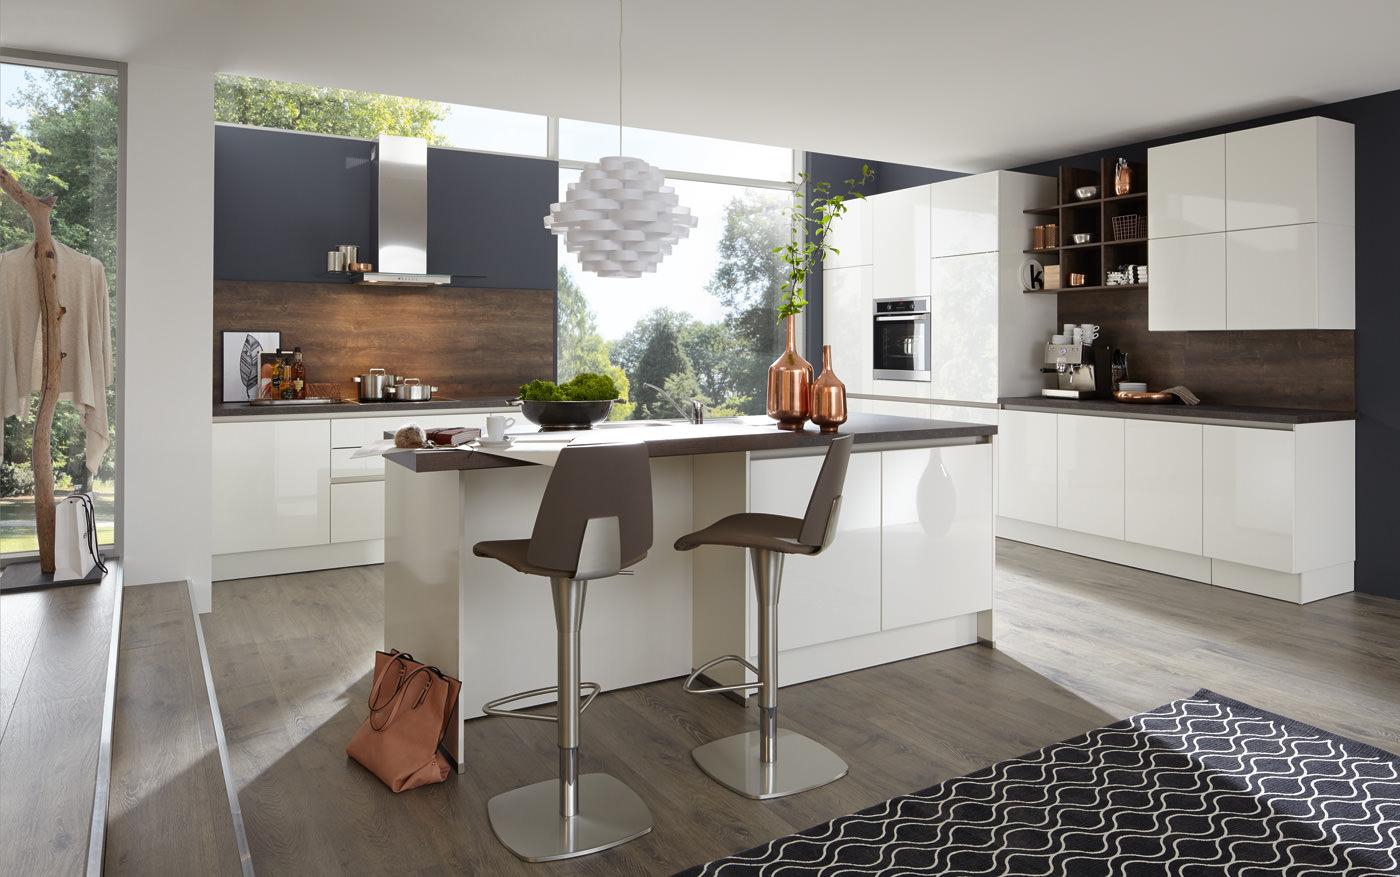 k chenausstellung in bobbau finden sie ihre neue k che. Black Bedroom Furniture Sets. Home Design Ideas